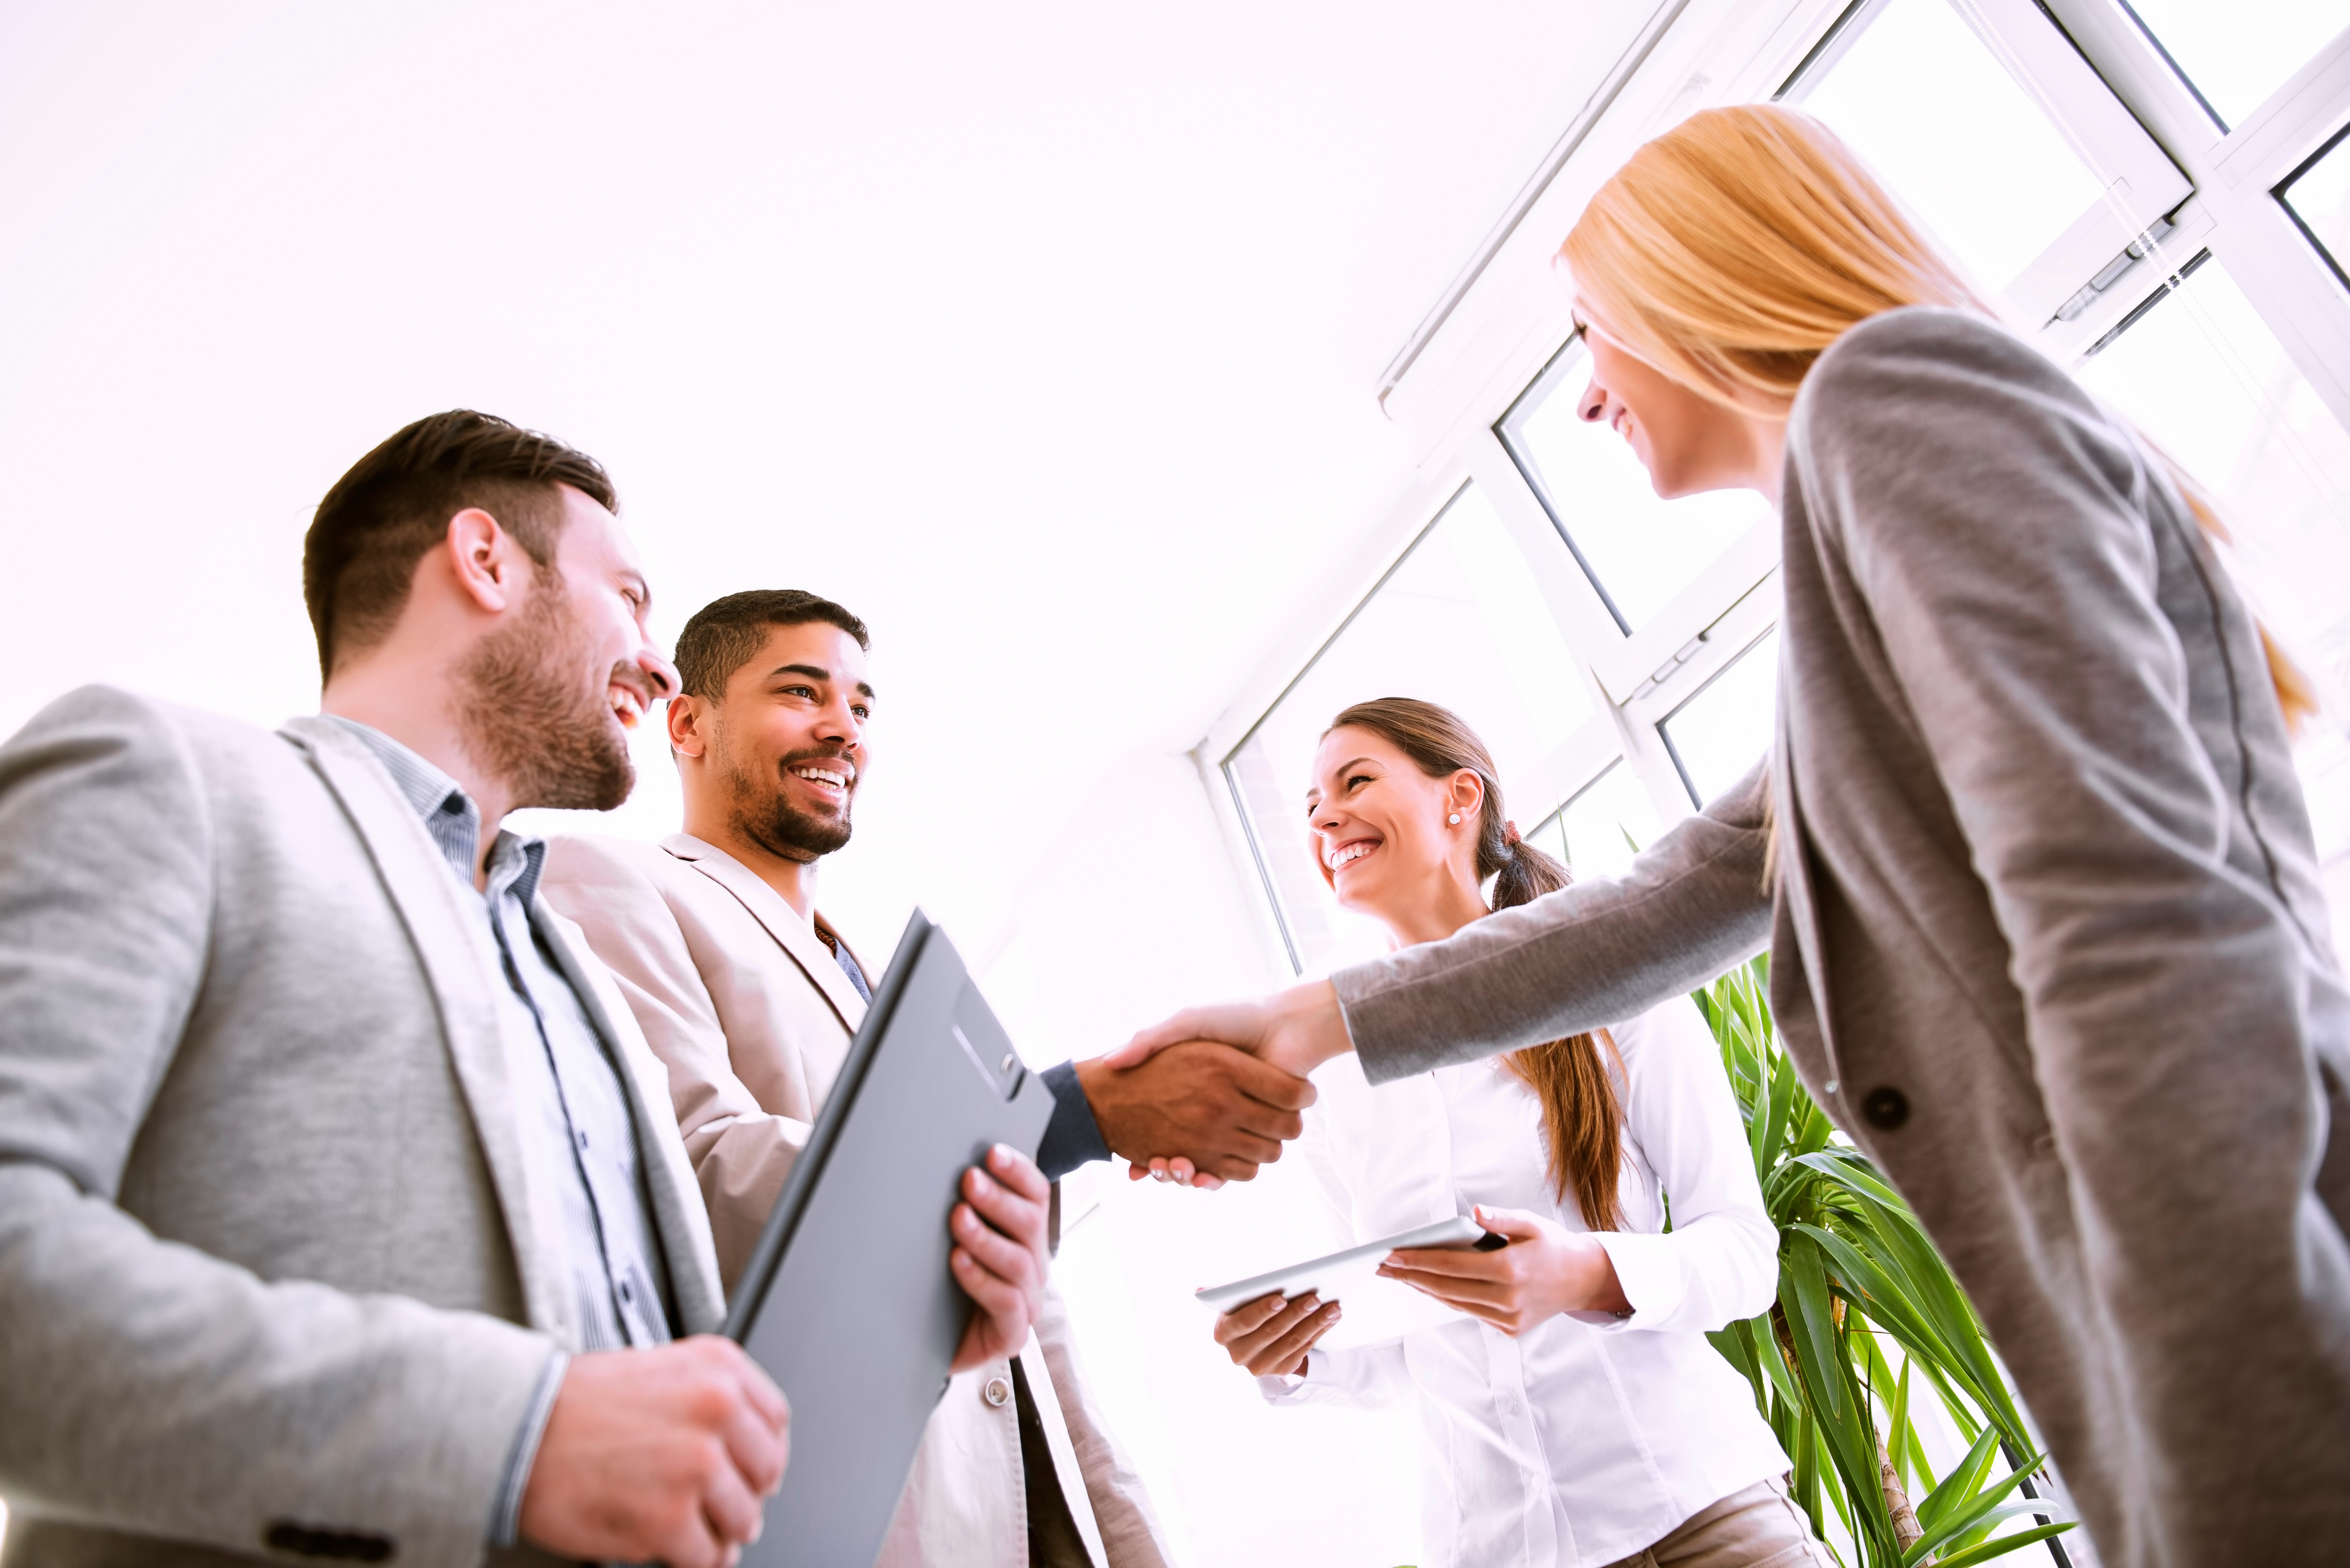 Pourquoi organiser des événements d'entreprise : les 5 meilleurs objectifs